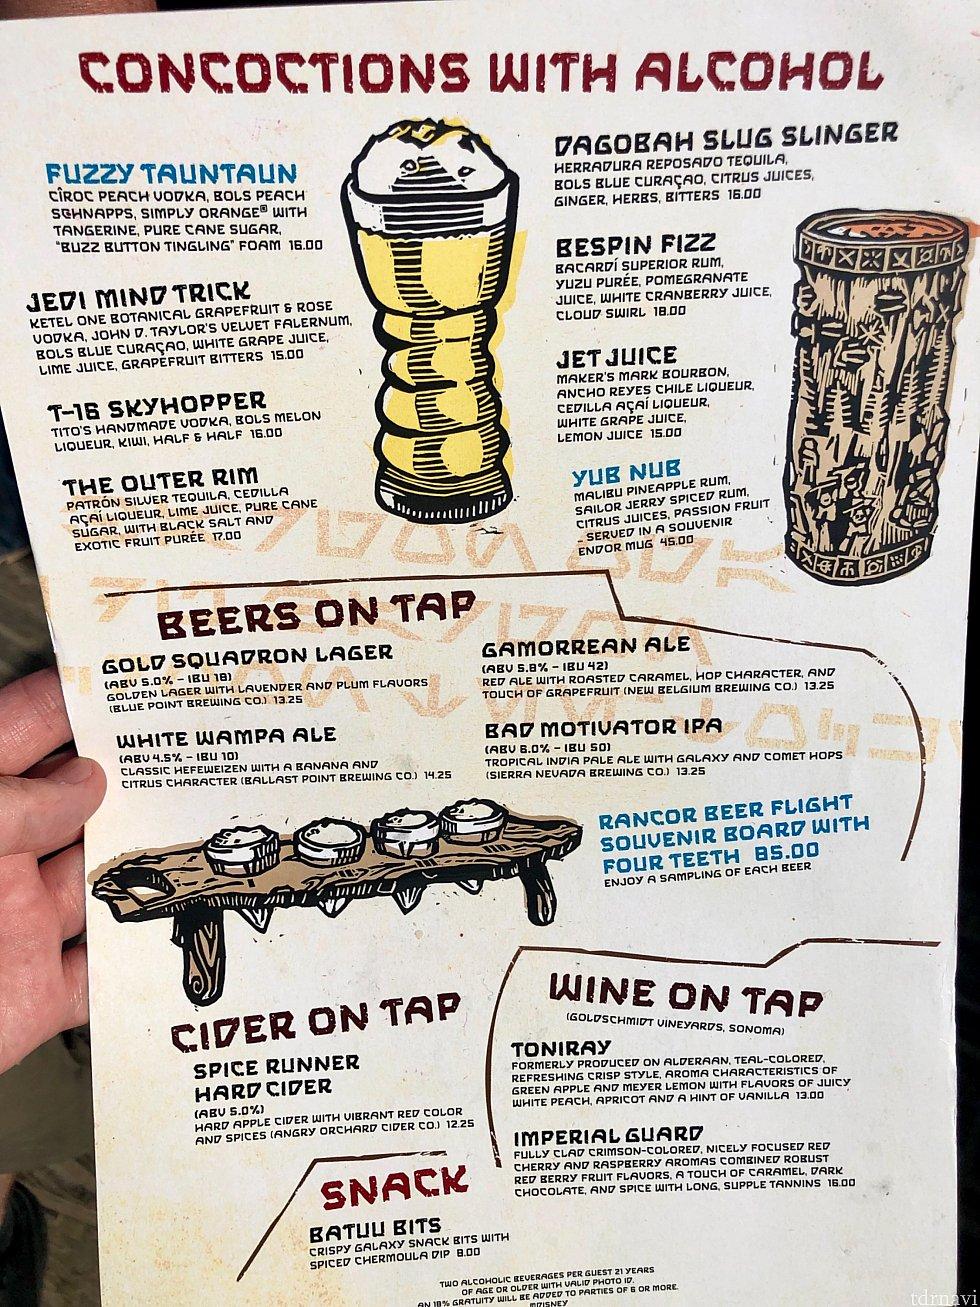 こちらがメニュー。スペシャルカクテルの他に、ワイン、ビールもありました。カクテル一杯$15〜$18とはかなりお高目!プラスチップです。